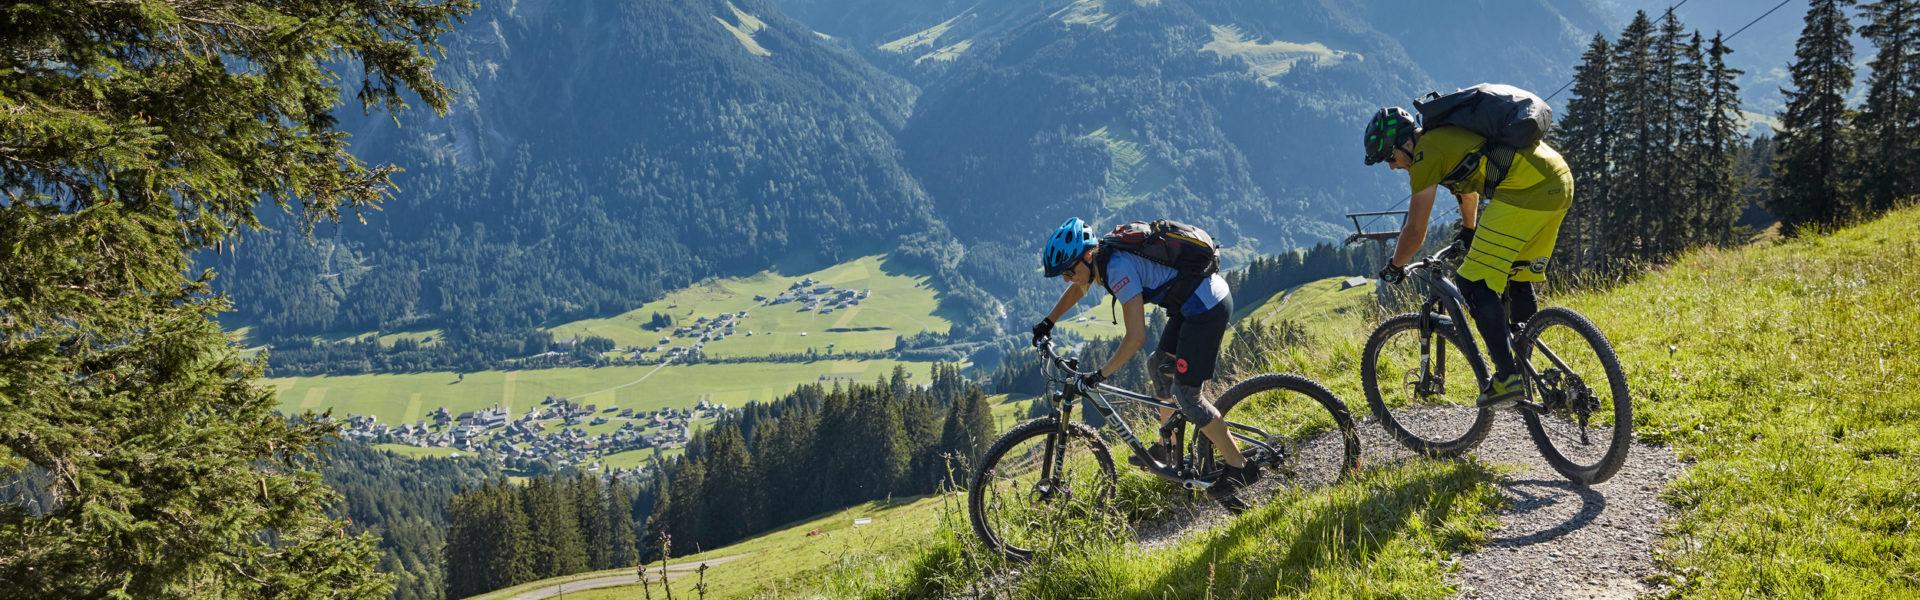 Mountainbike Au-Schoppernau © Adolf Bereuter / Bregenzerwald Tourismus